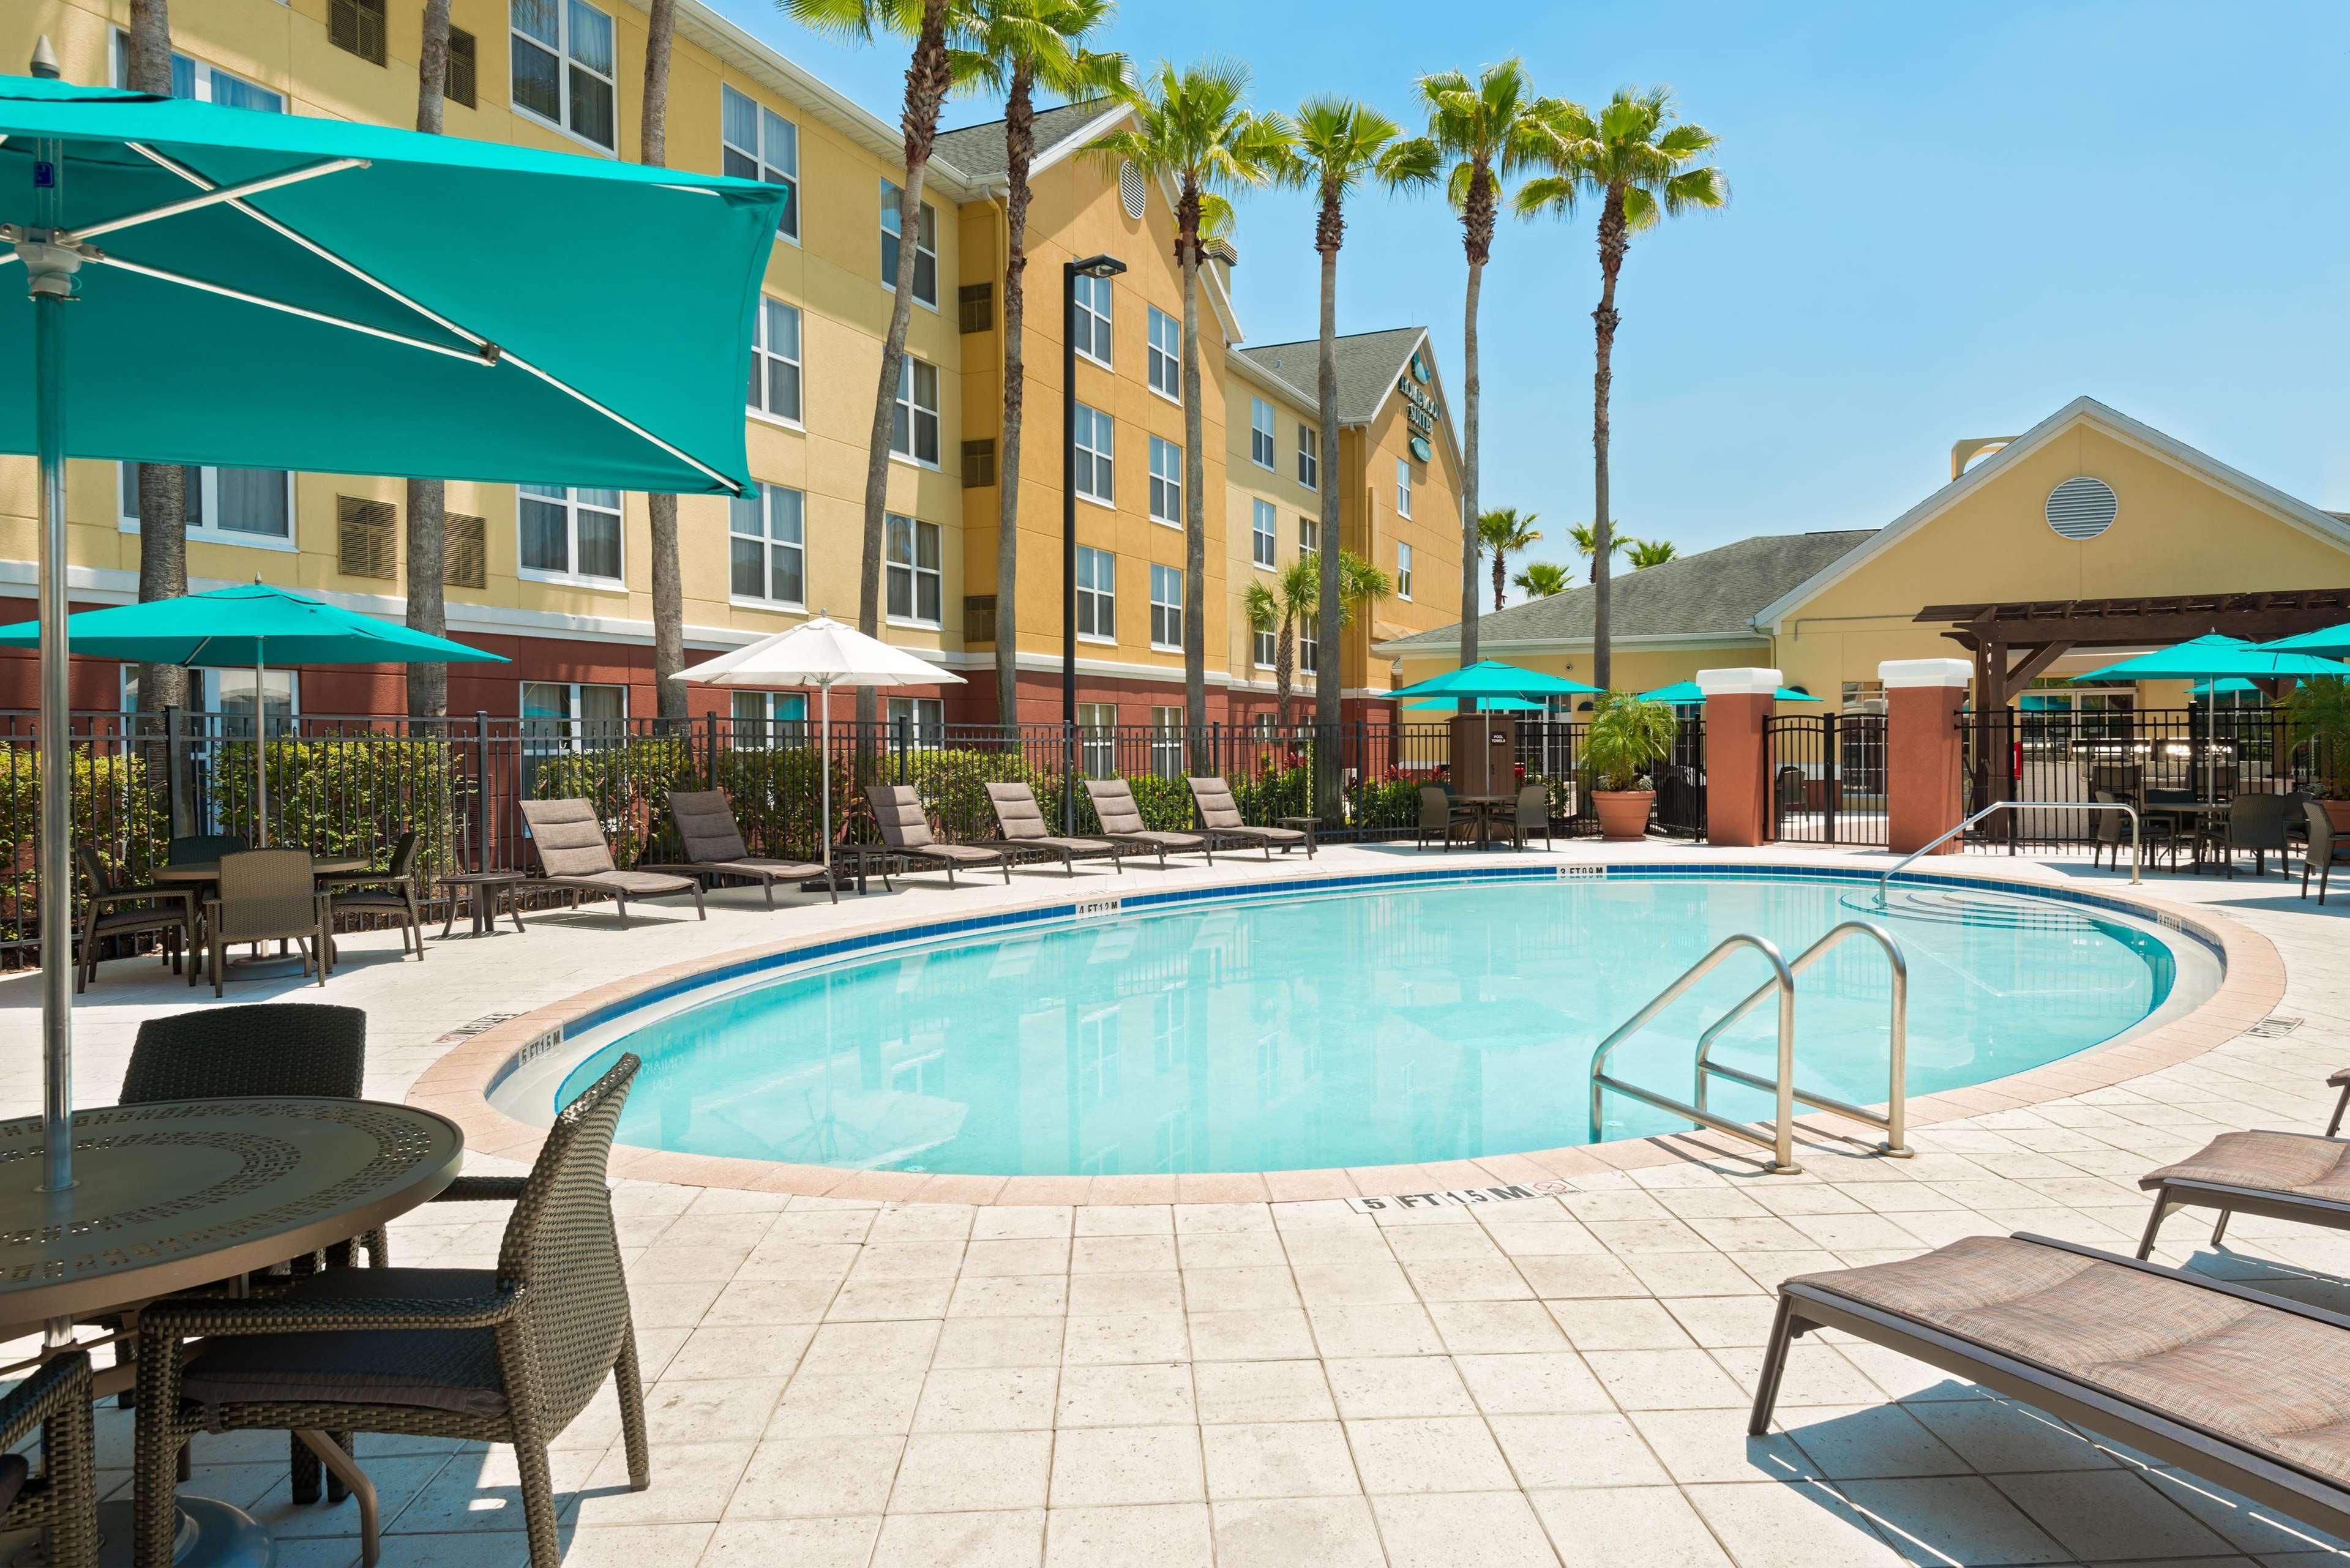 Hotels Around Ucf In Orlando